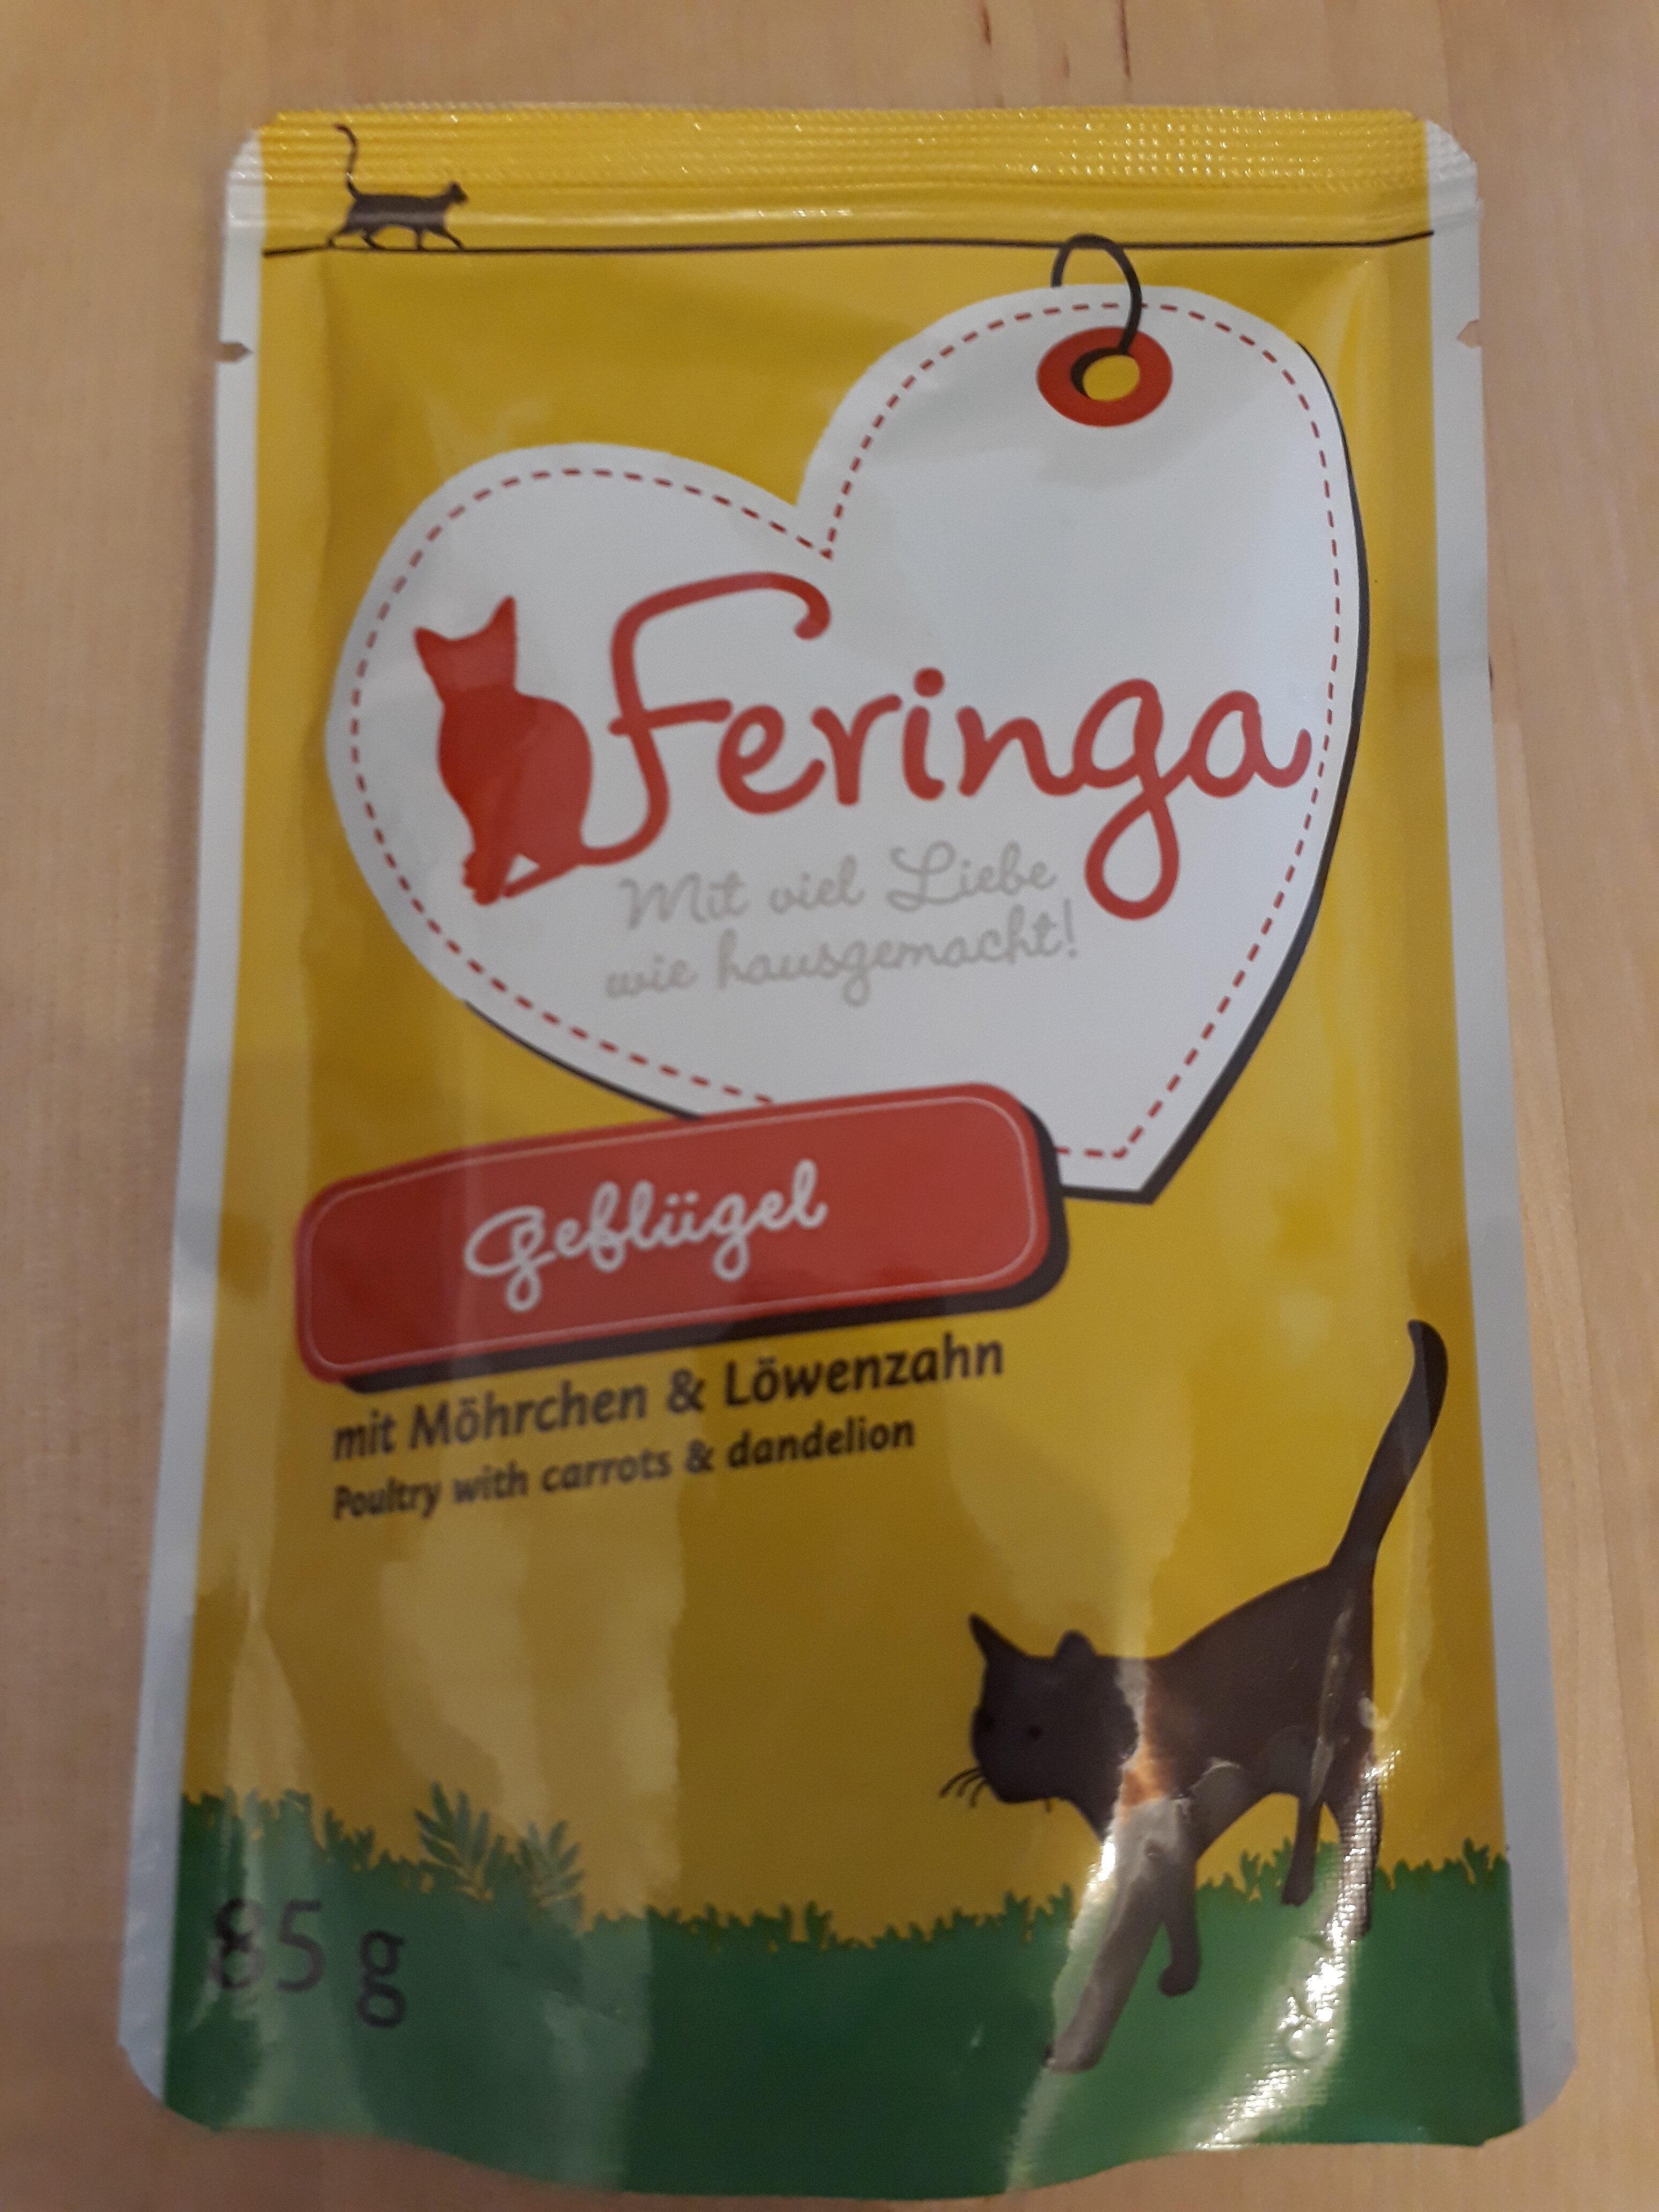 Feringa Mit viel Liebe wie hausgemacht! Geflügel - Product - fr